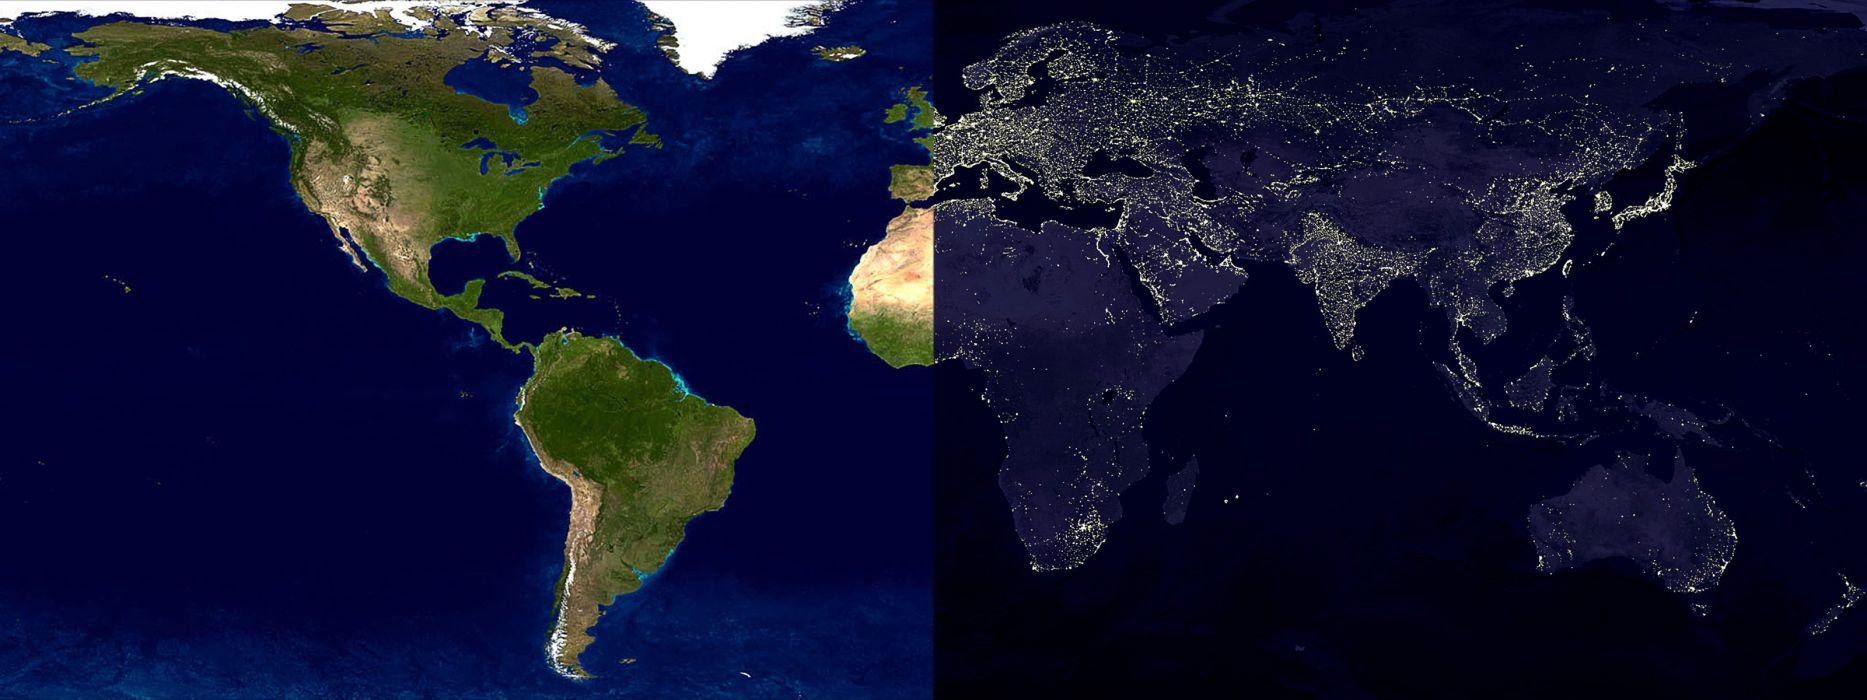 Maps daylight world map nighttime wallpaper 3200x1200 196457 maps daylight world map nighttime wallpaper gumiabroncs Images